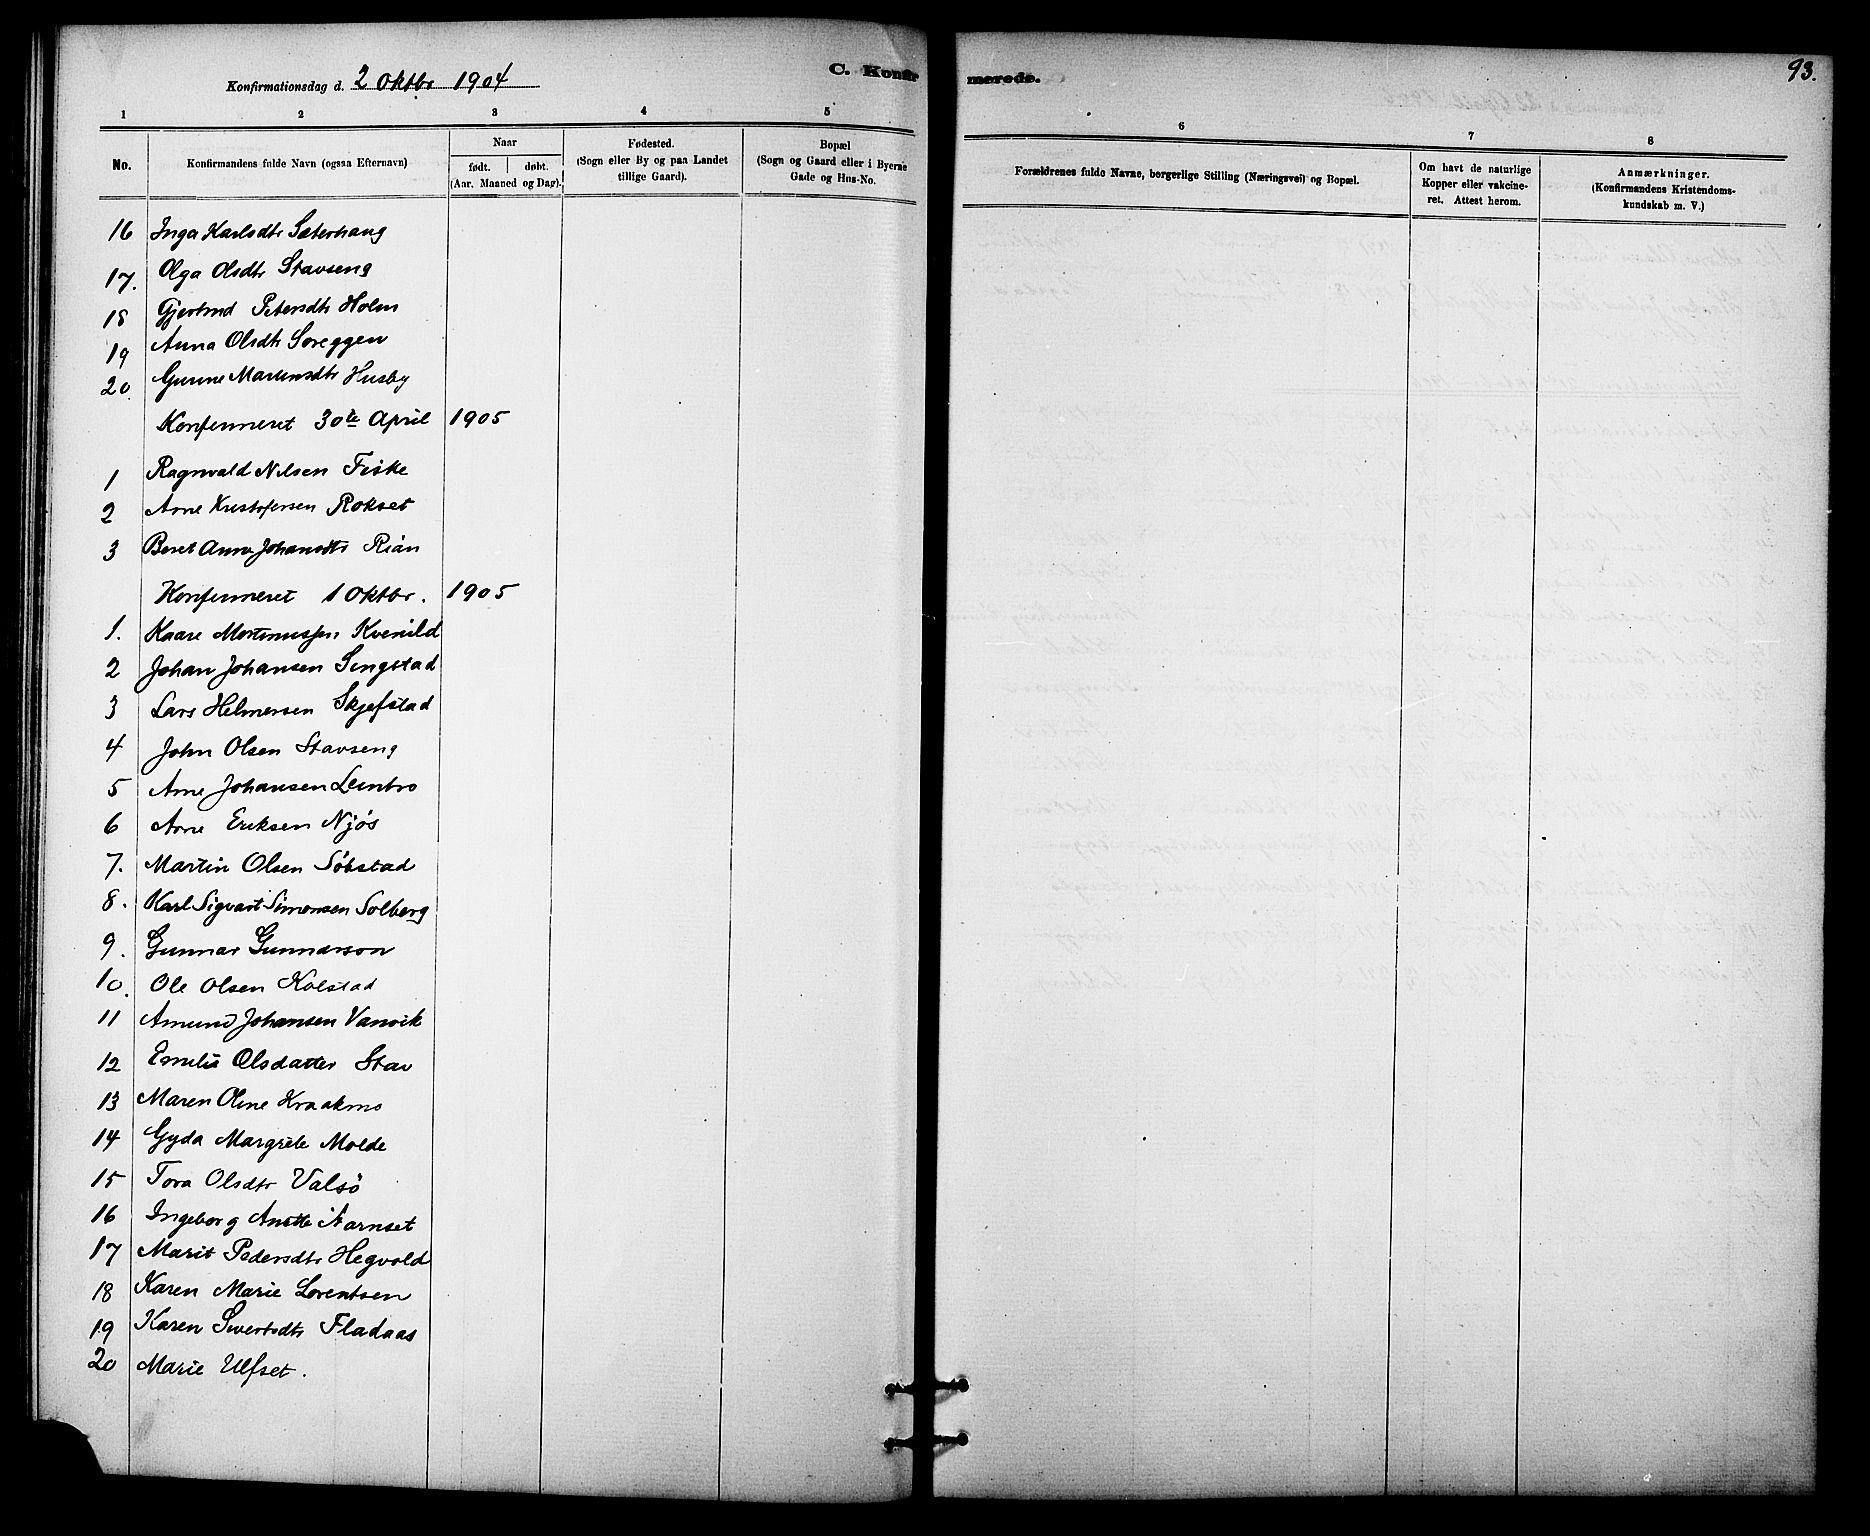 SAT, Ministerialprotokoller, klokkerbøker og fødselsregistre - Sør-Trøndelag, 613/L0395: Klokkerbok nr. 613C03, 1887-1909, s. 93